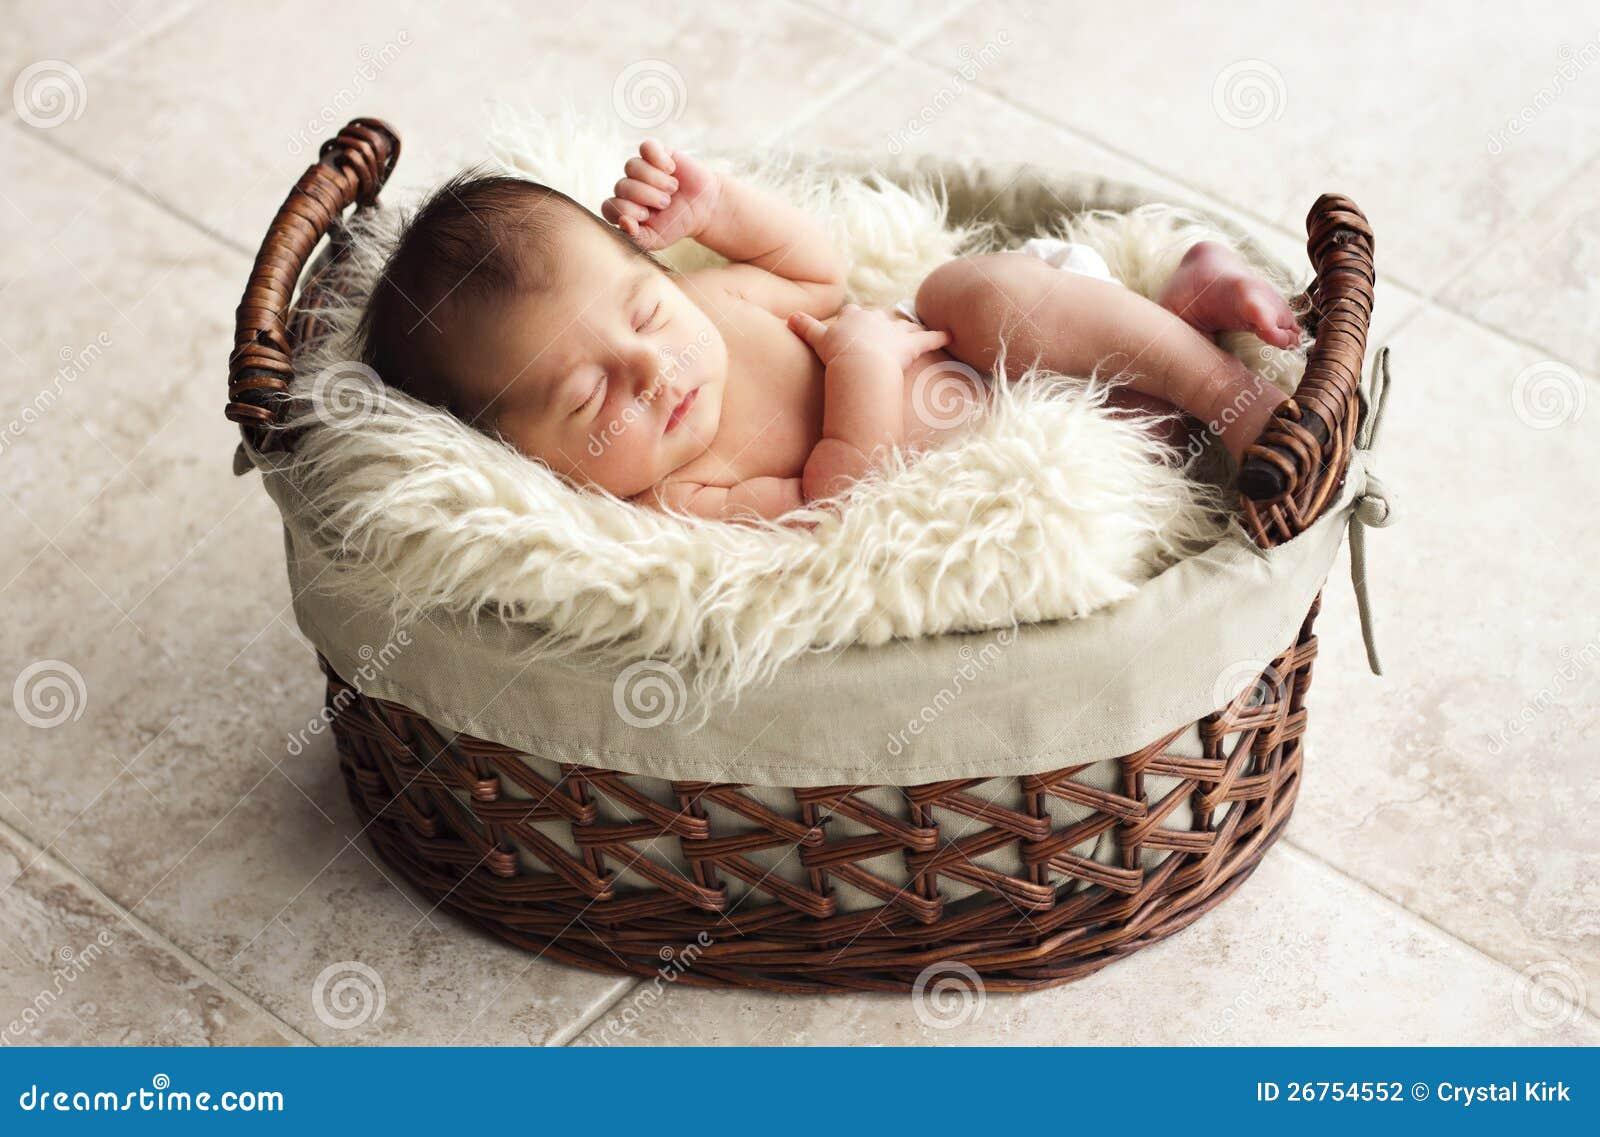 repos nouveau n dans la couverture de fourrure photographie stock image 26754552. Black Bedroom Furniture Sets. Home Design Ideas